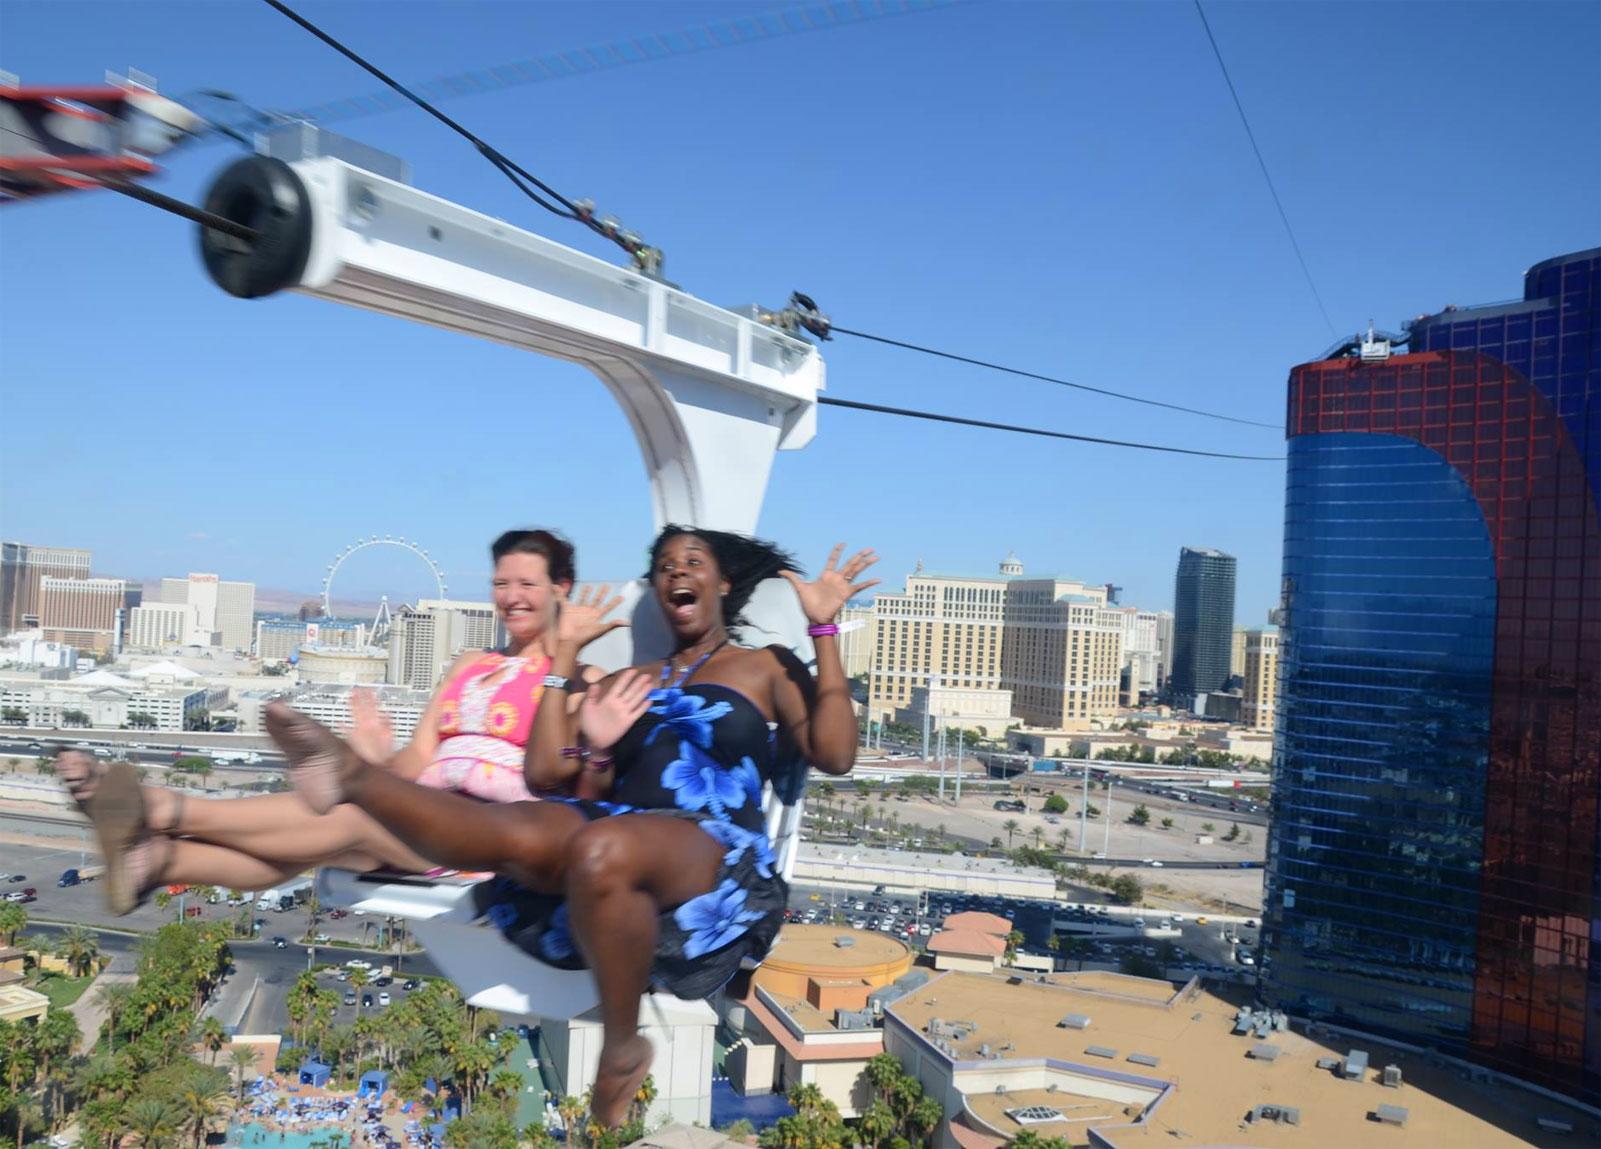 Las Vegas Zip Line